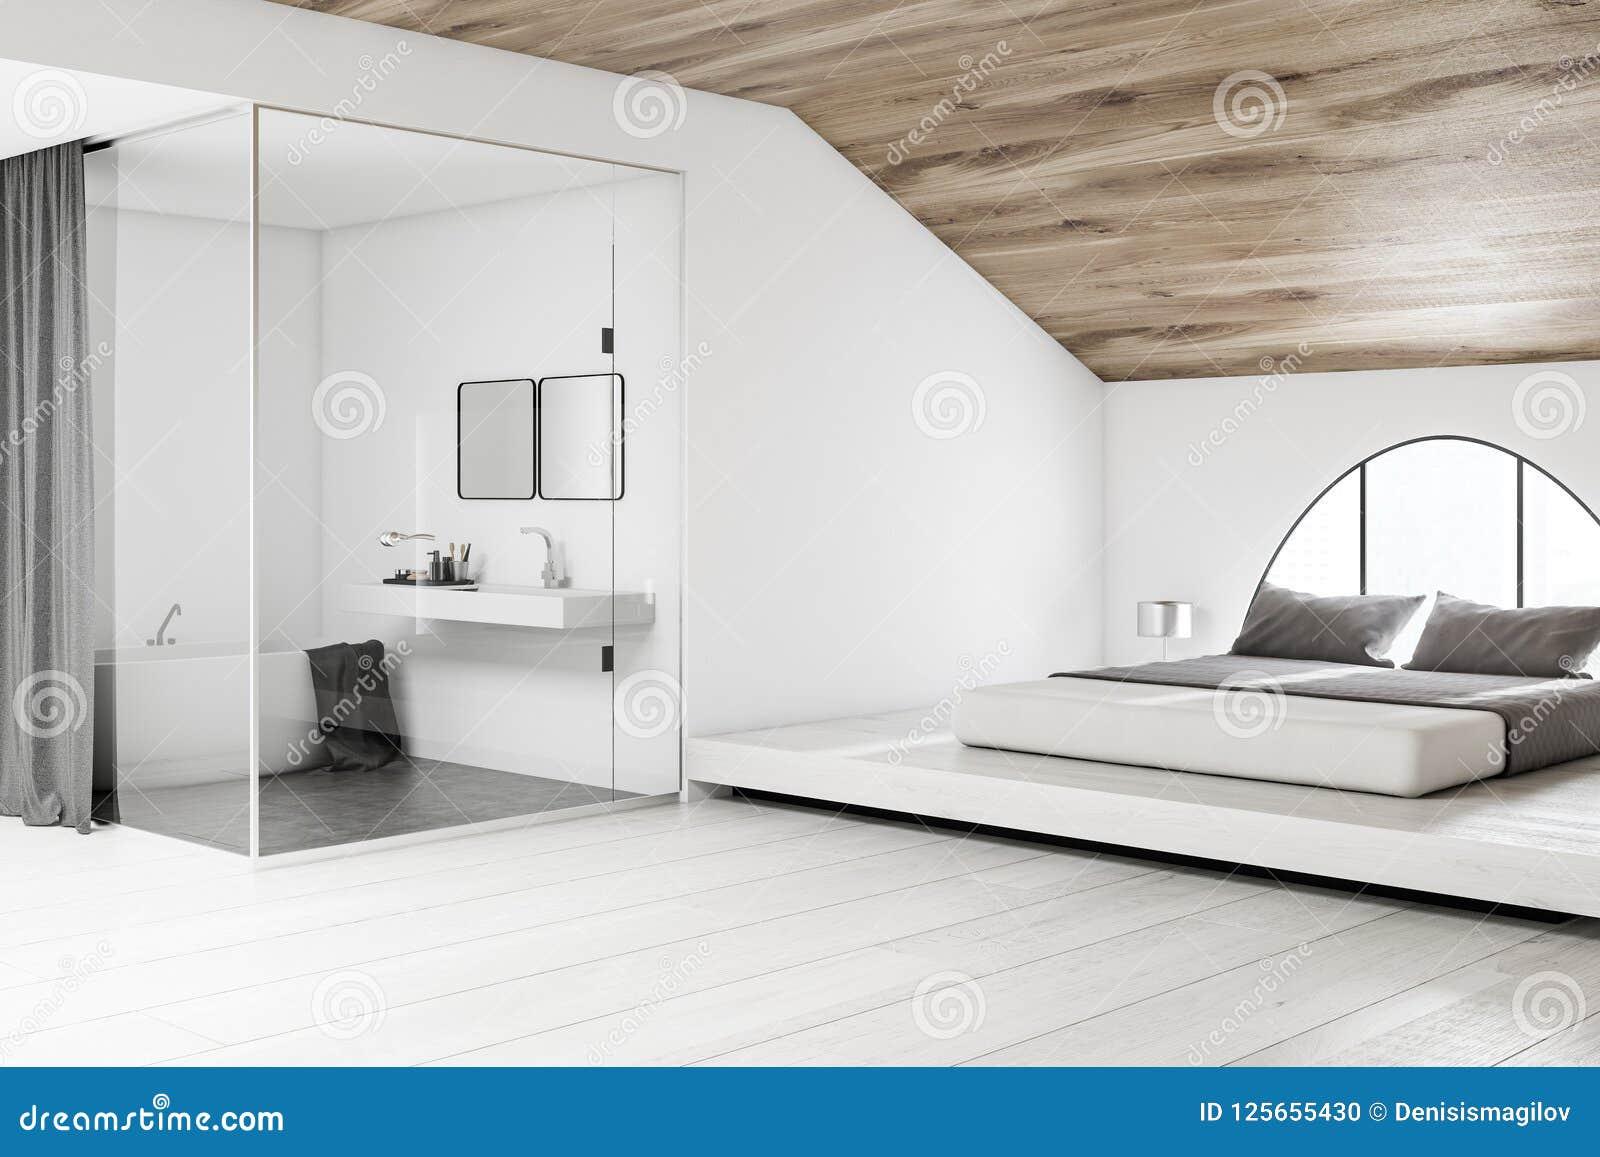 Soffitti In Legno Bianco : Stanza vuota in mansarda con soffitto in legno inspiring